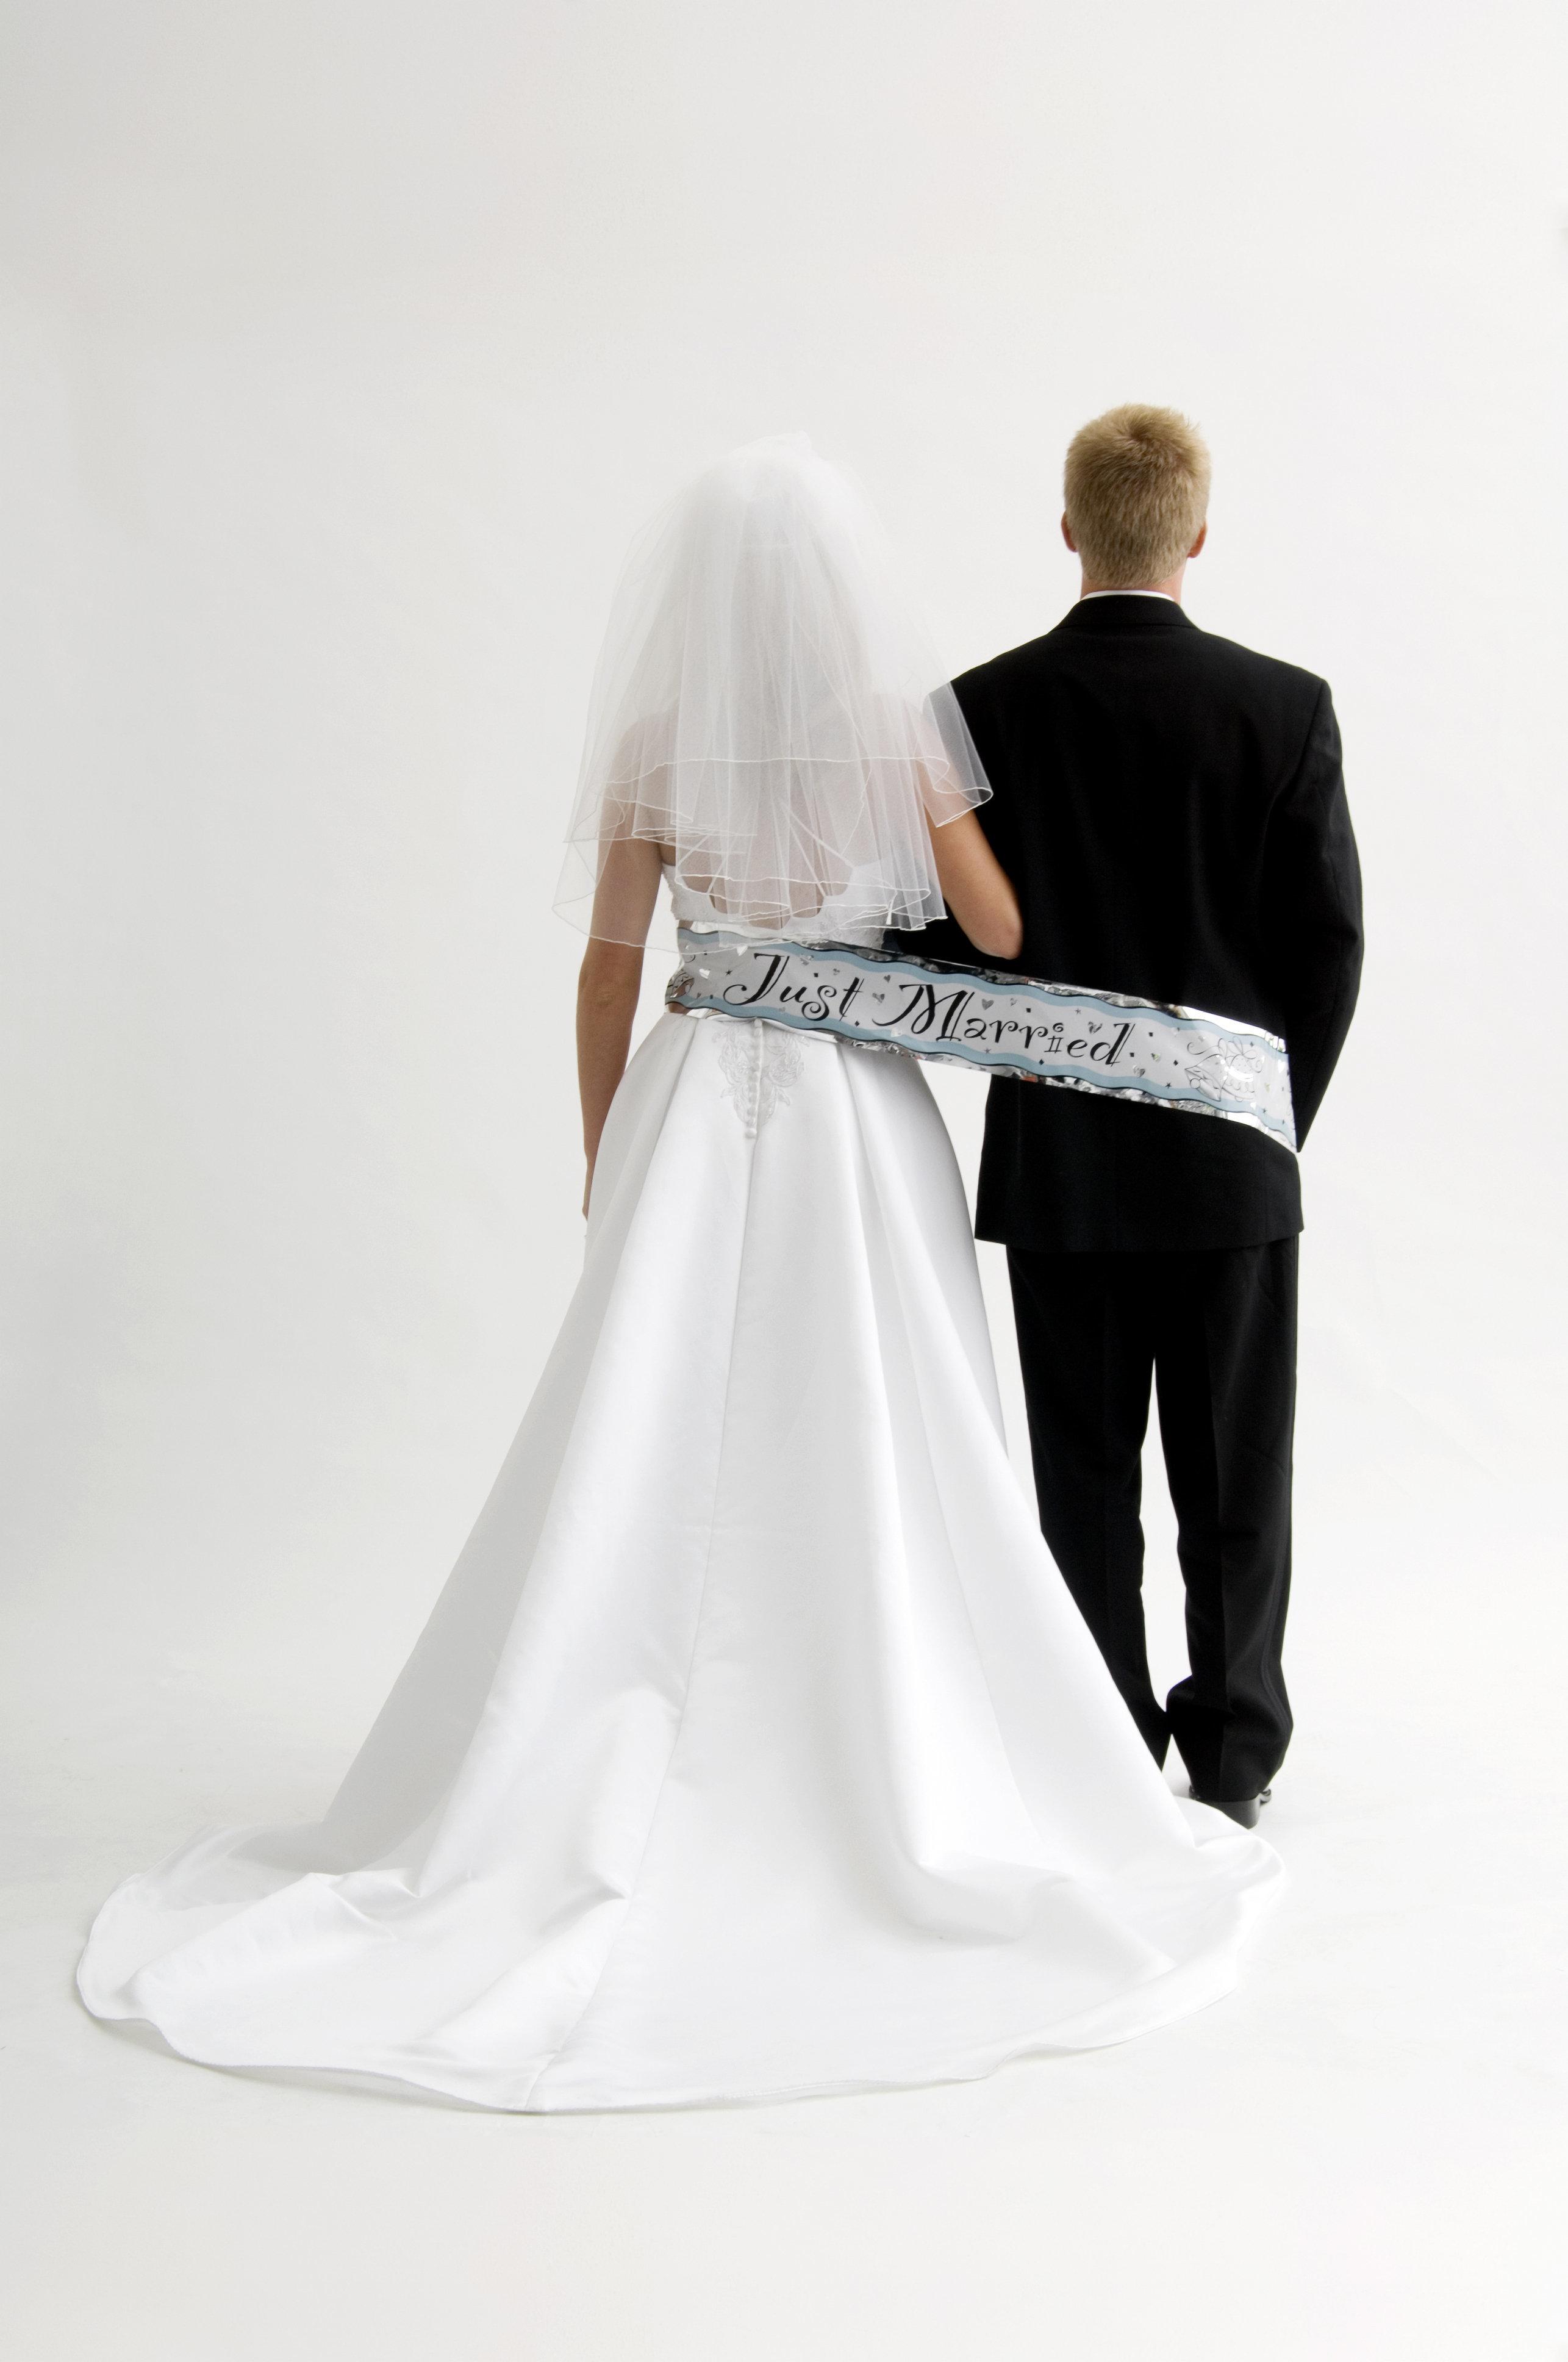 40년만에 결혼 건수 최저치